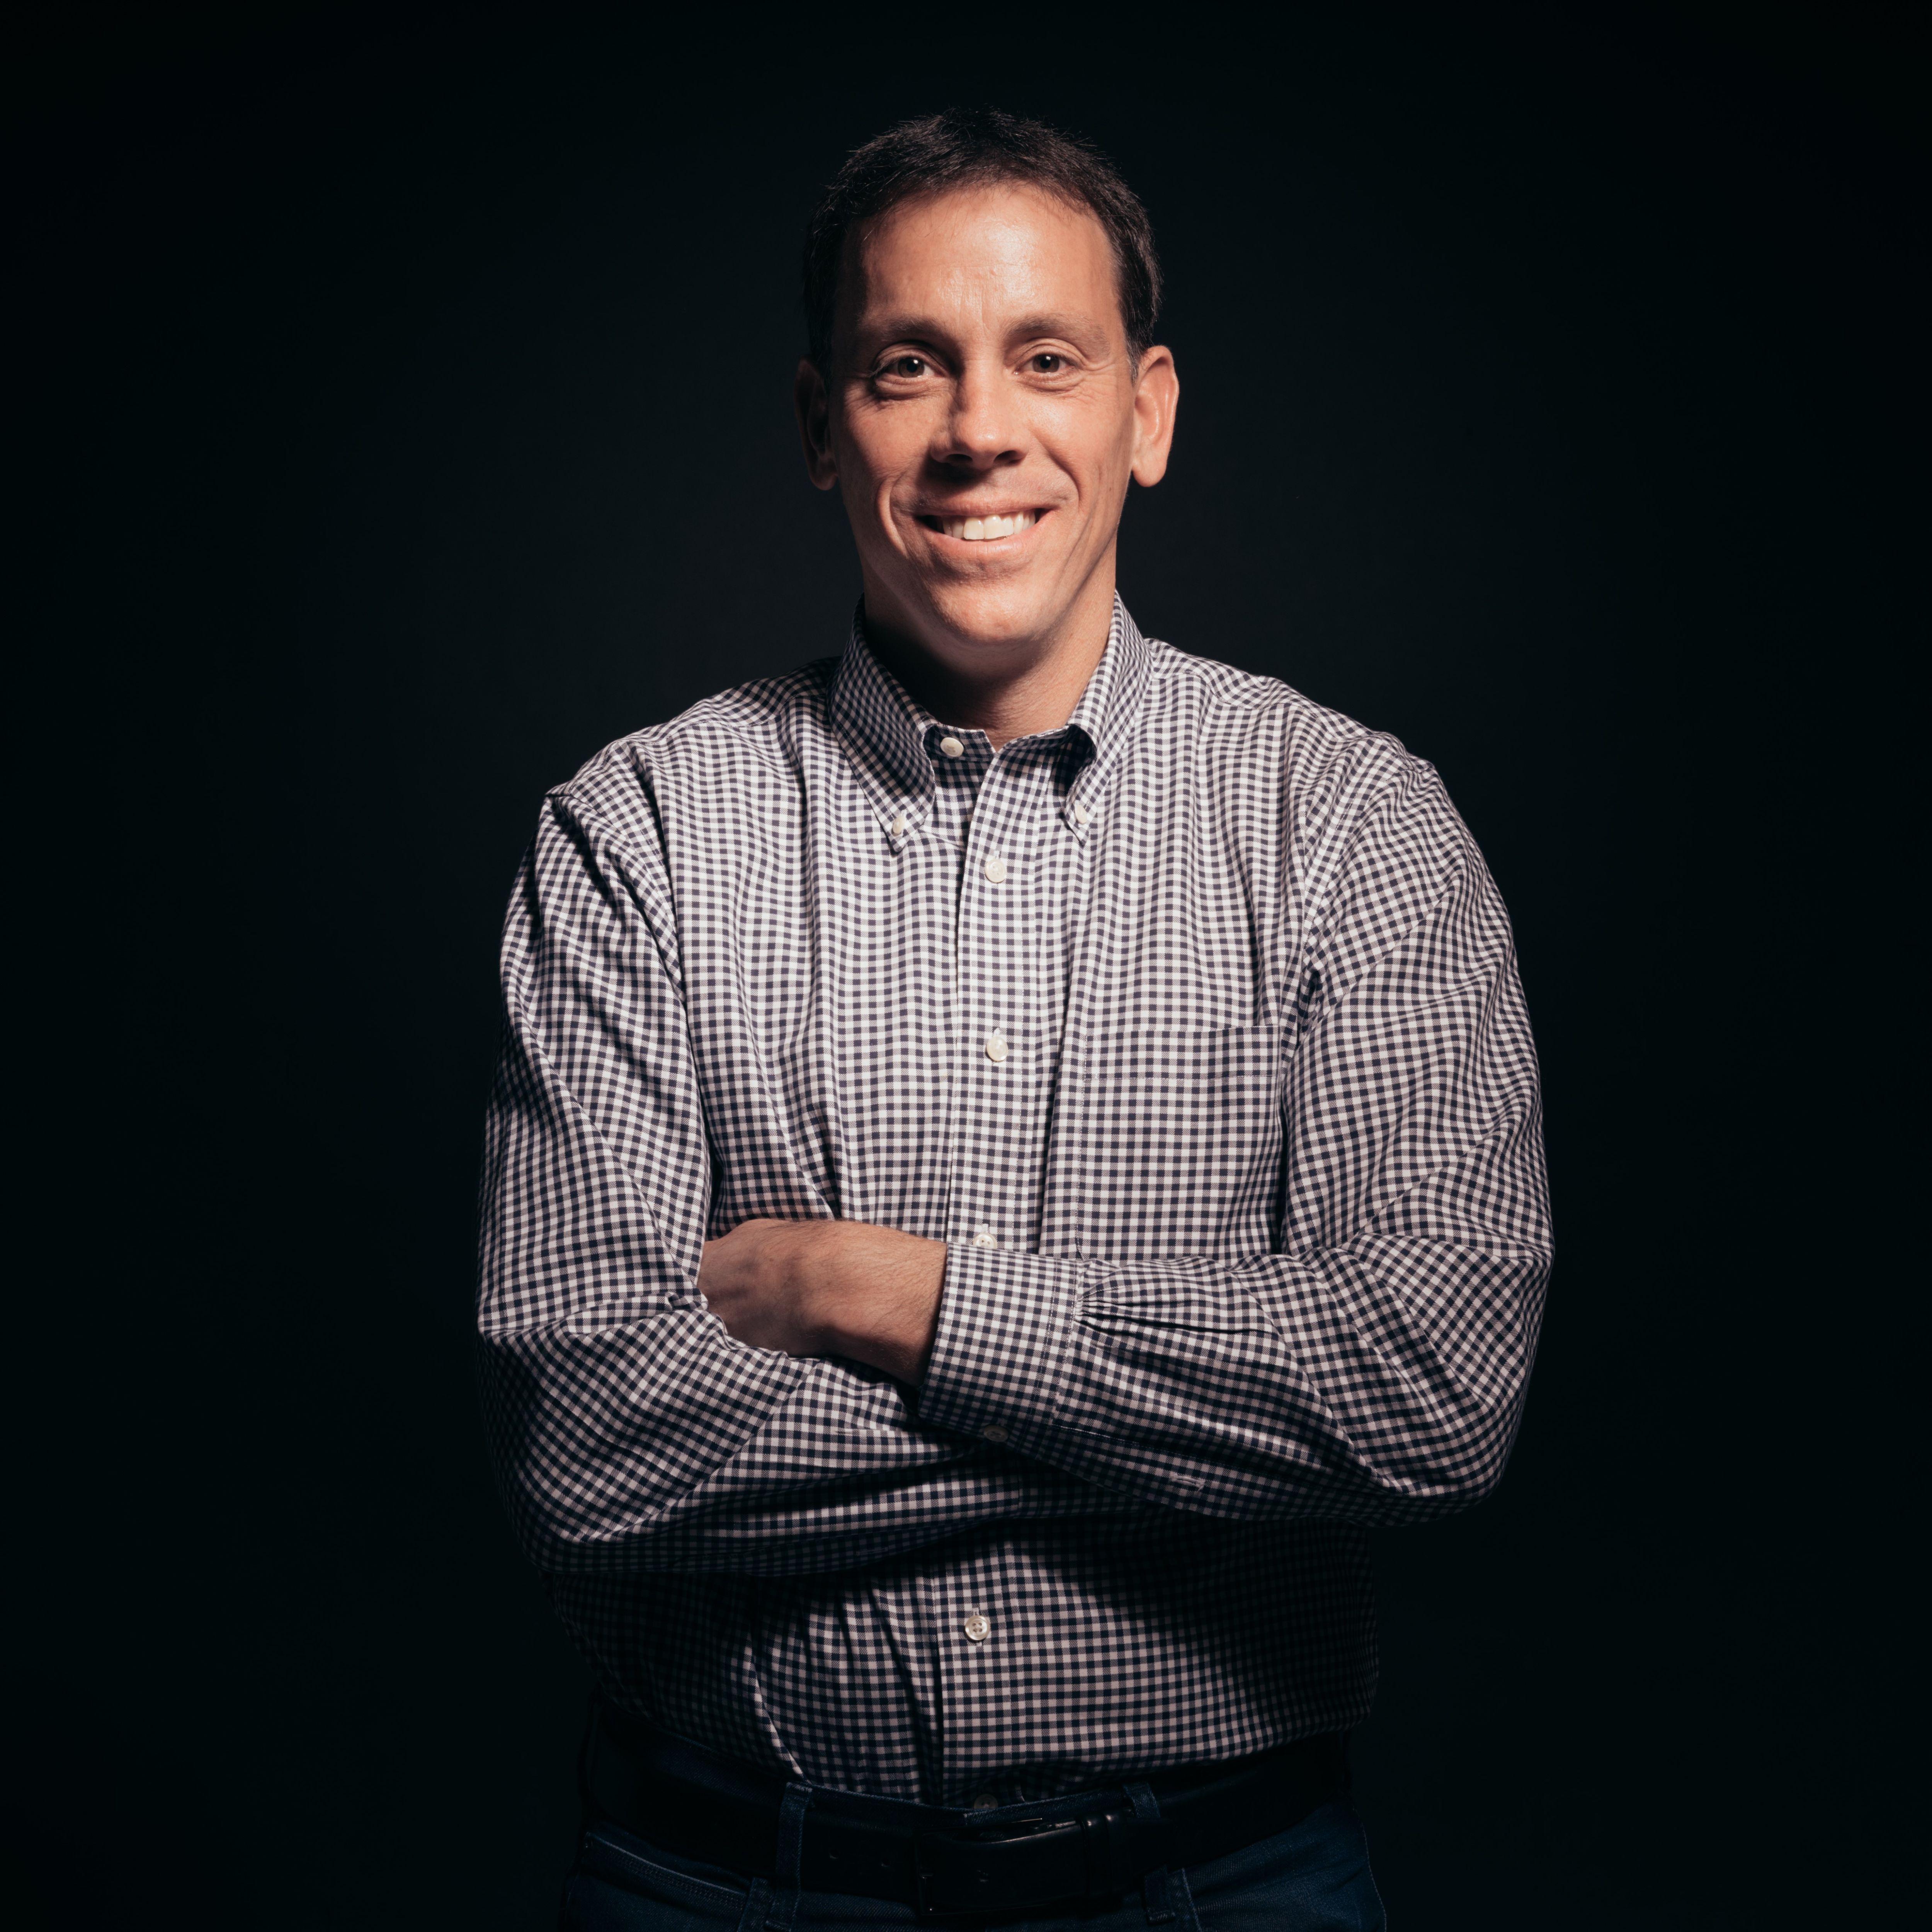 Jim VandeHei